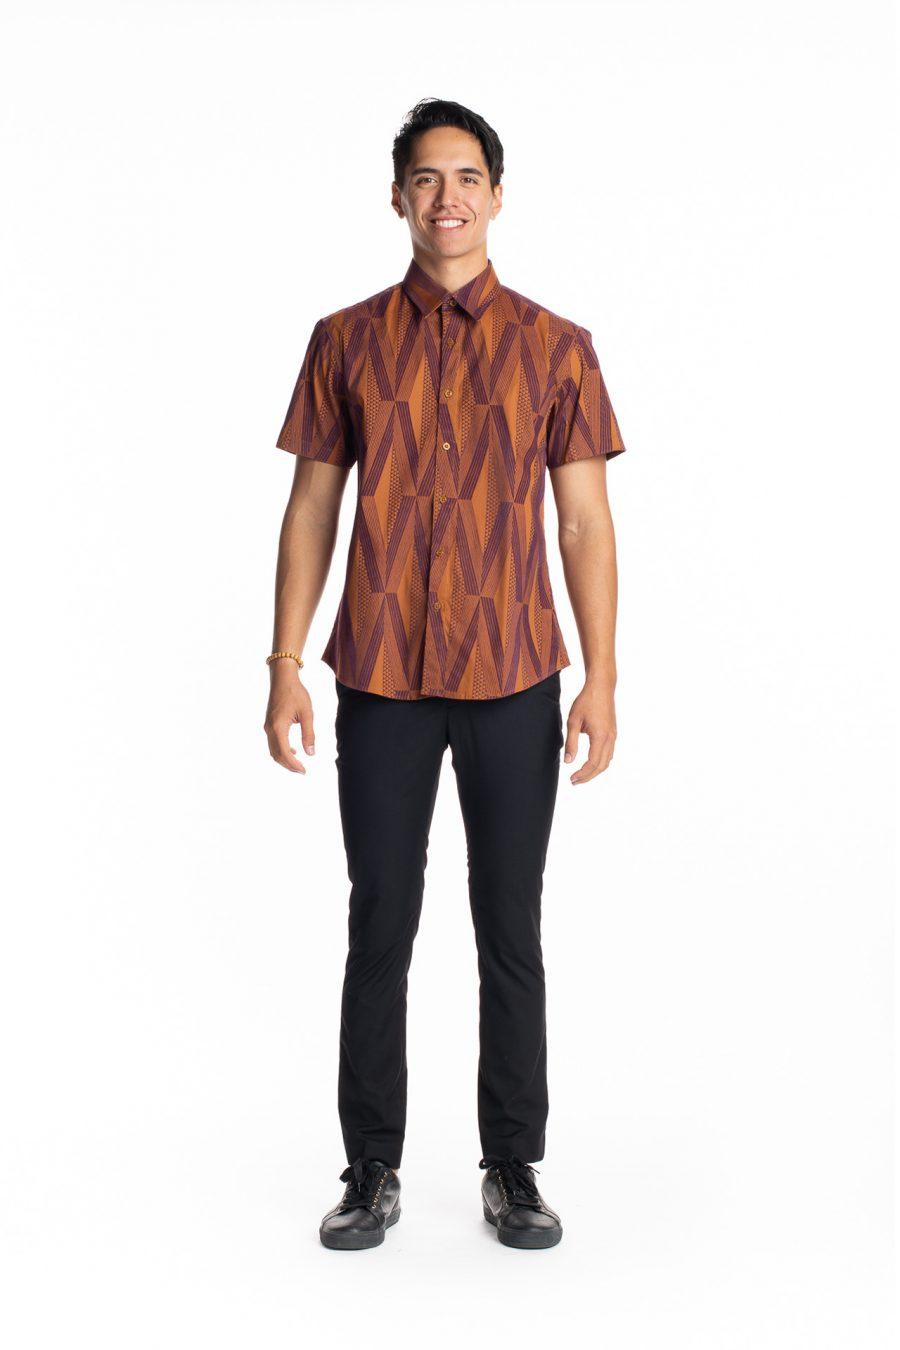 Male model wearing Aloha Short Sleeve in Mahagony Mustard Kanaloa - Front View